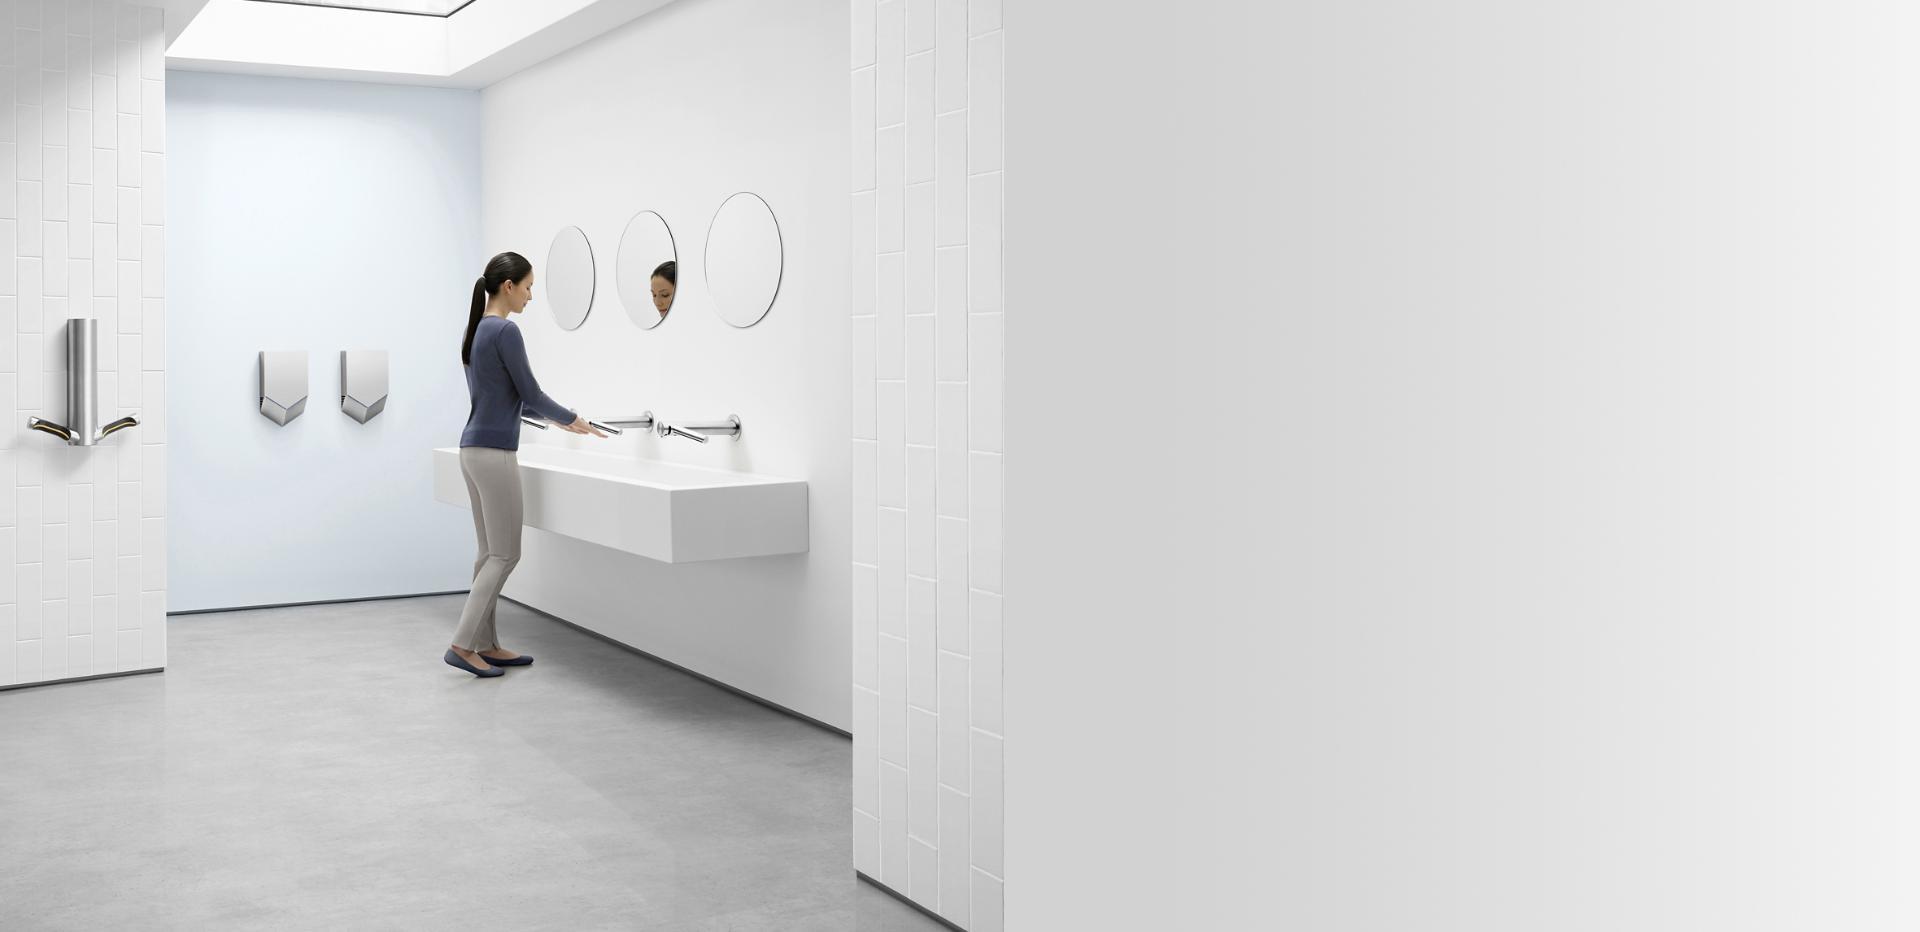 ผู้หญิงกำลังล้างมือด้วยเครื่องเป่ามือ Dyson Airblade Wash+Dry